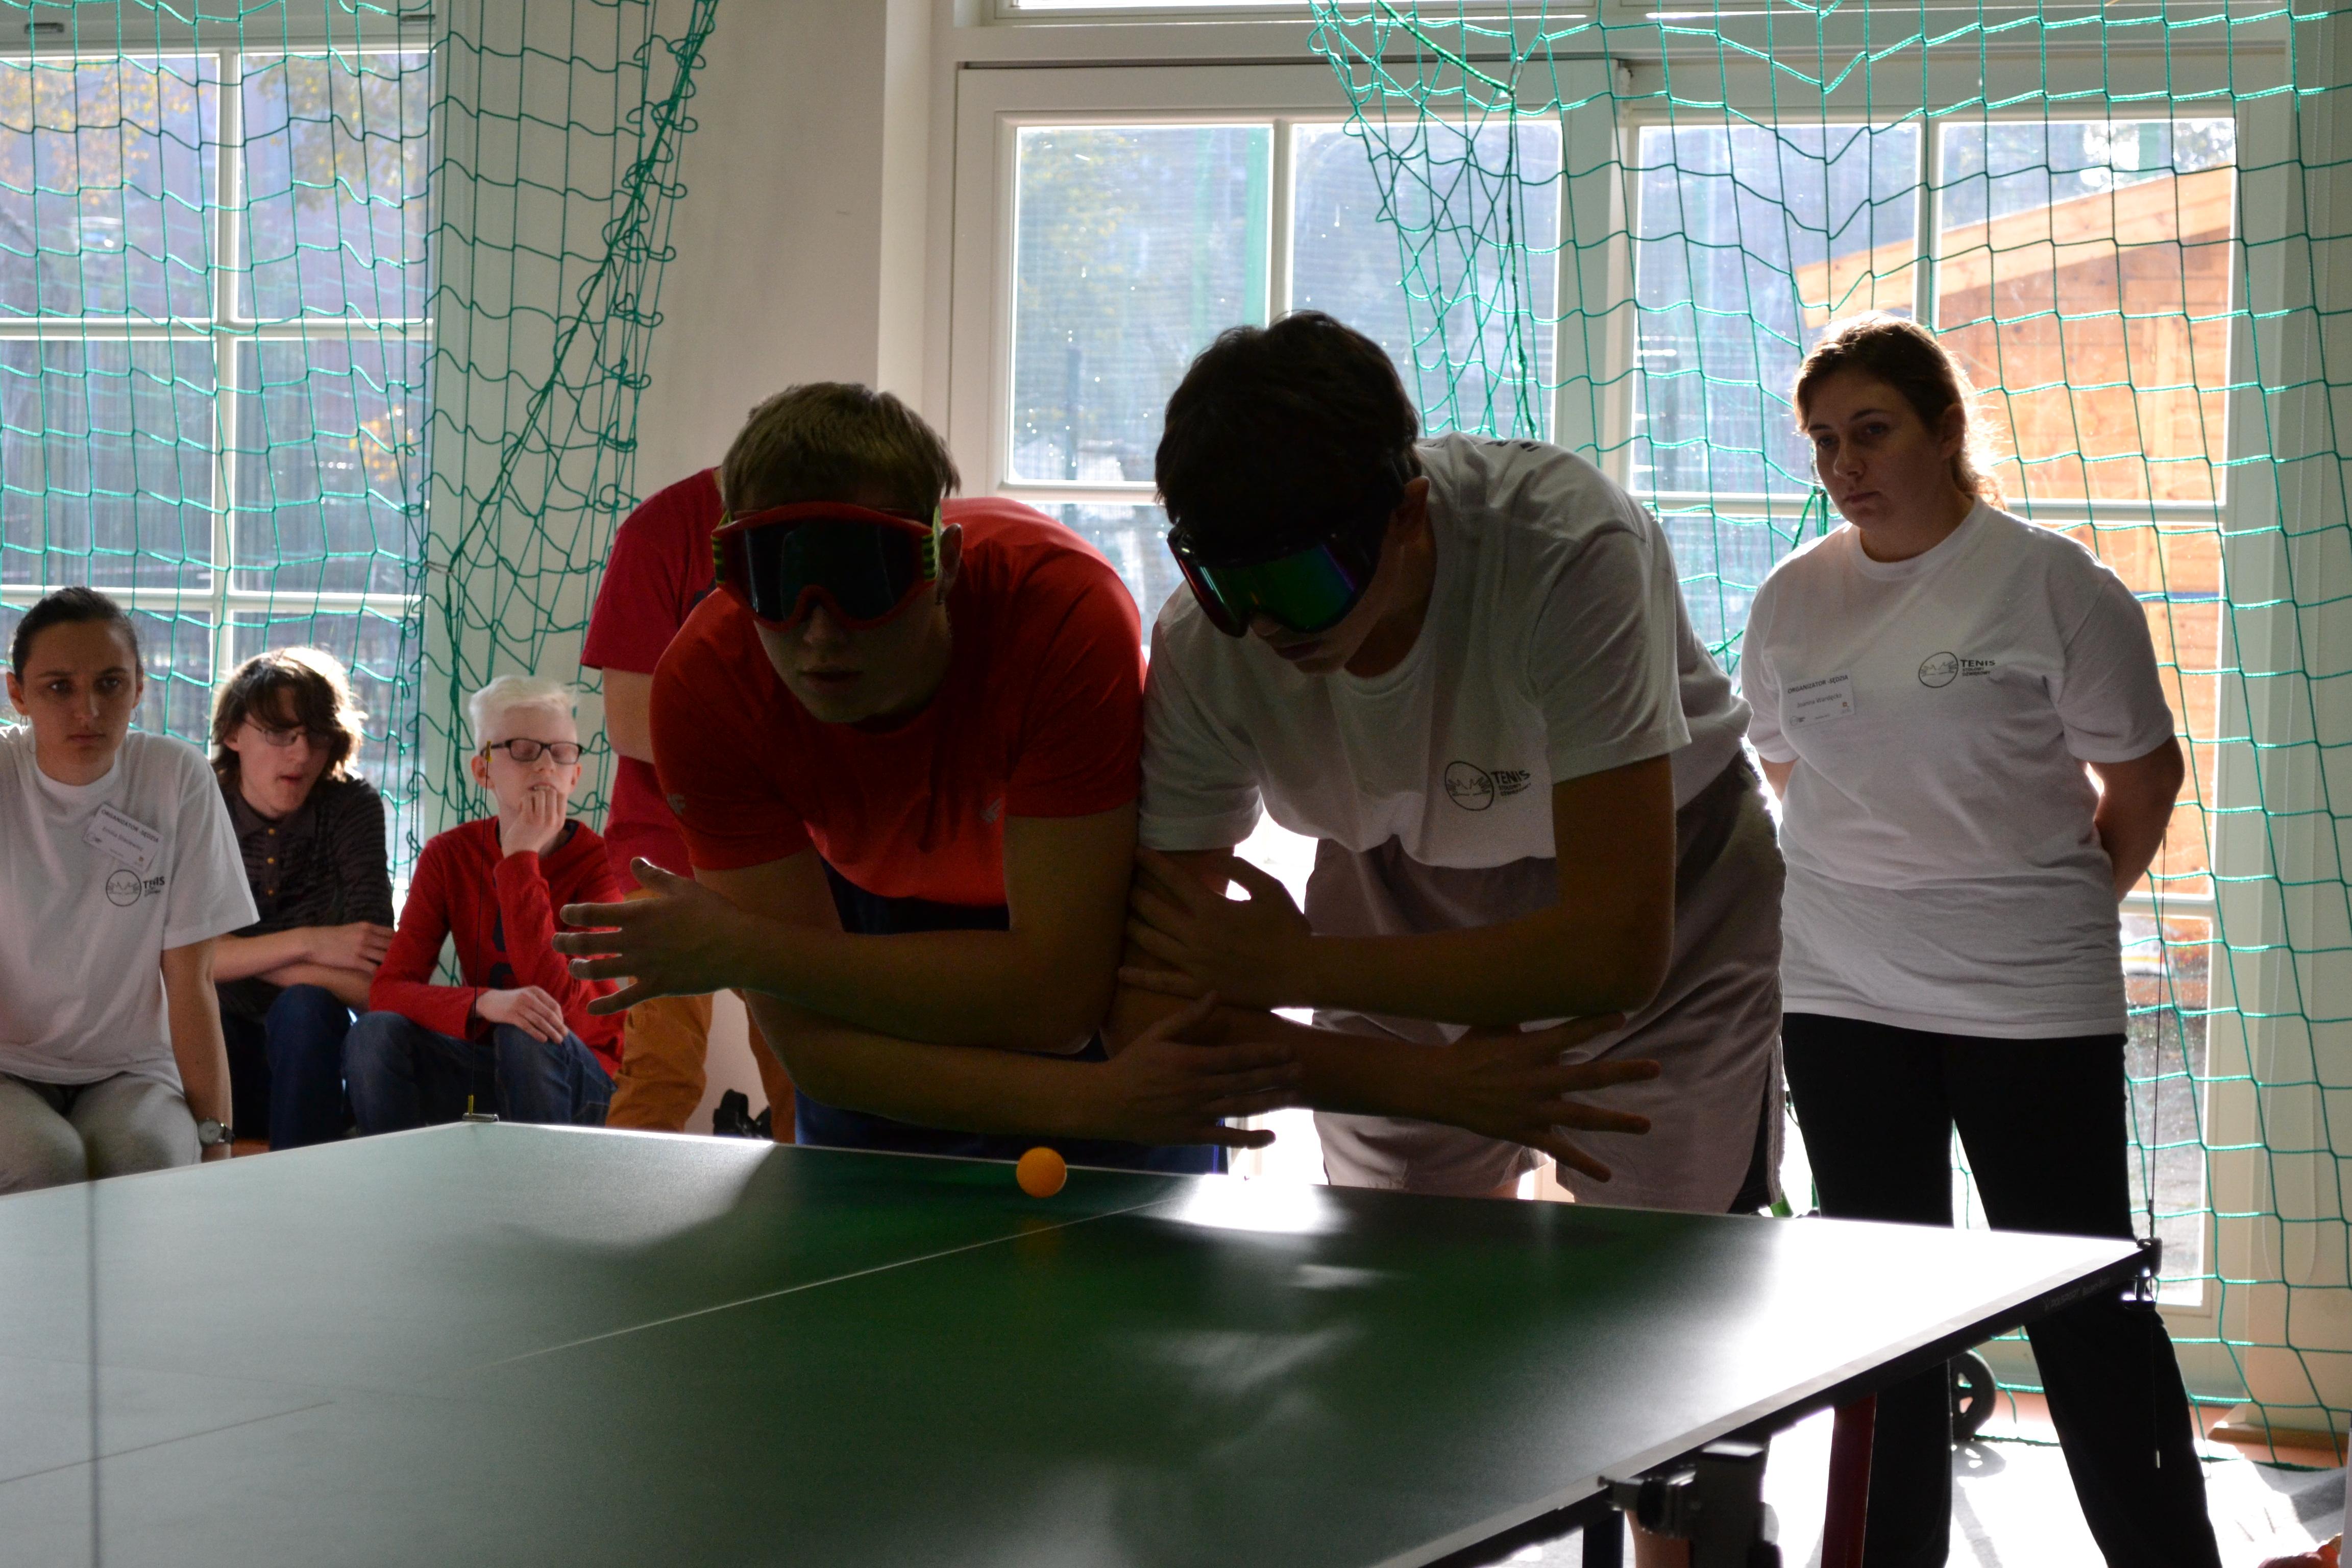 tenis-dzwiekowy-aktywizuje-niewidomych-24-09-2015-r